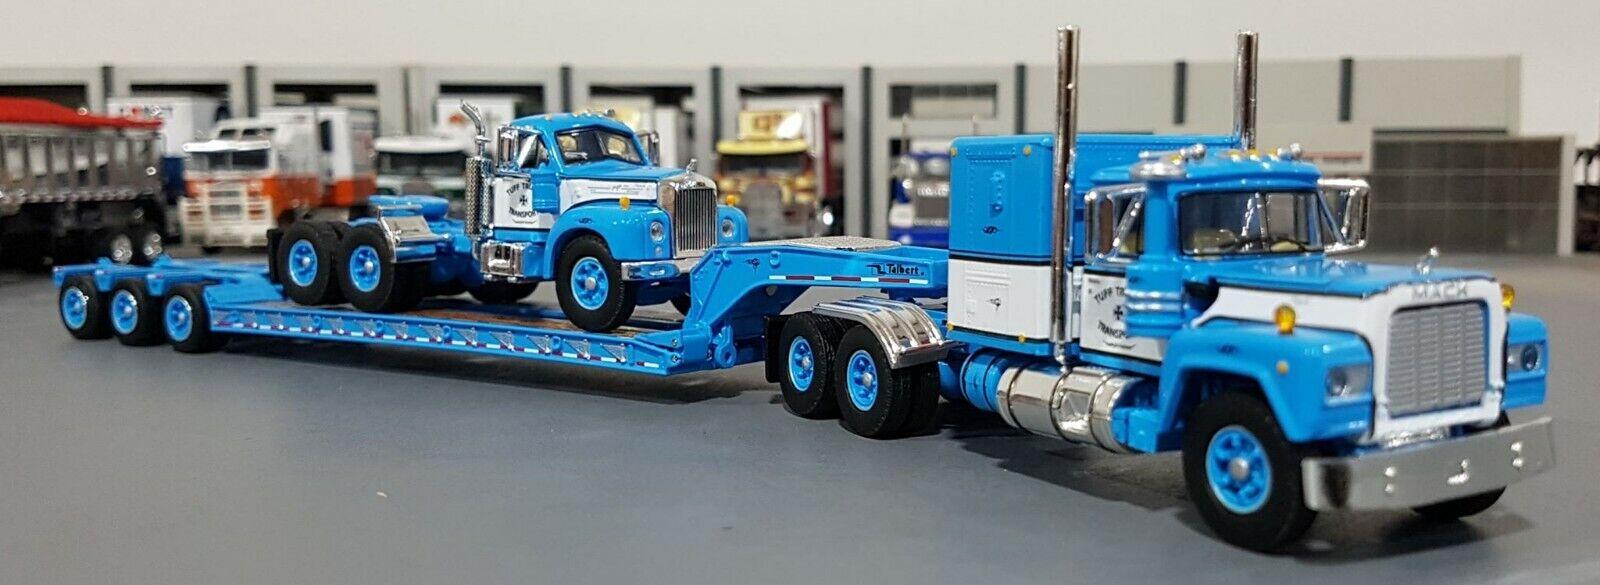 blu 1 64 Mack R-Modelo & B-Modelo & Pesado Haul Remolque Diecast hecha por First Gear